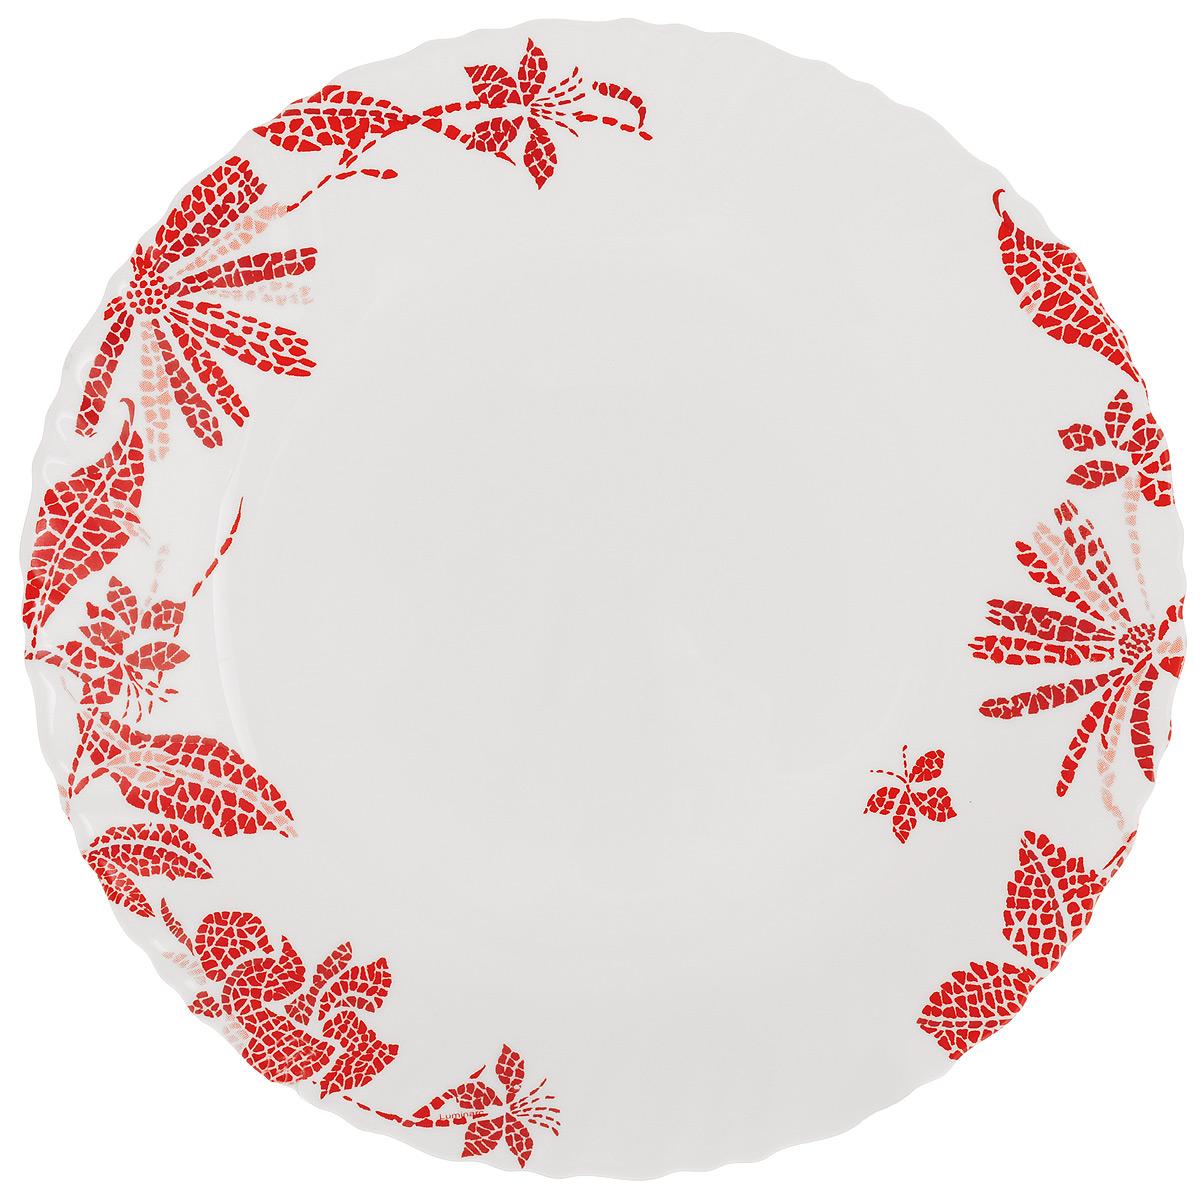 Тарелка обеденная Luminarc Romancia, диаметр 25 см54 009312Обеденная тарелка Luminarc Romancia, изготовленная из высококачественного стекла, имеет изысканный внешний вид. Яркий дизайн придется по вкусу и ценителям классики, и тем, кто предпочитает утонченность. Тарелка Luminarc Romancia идеально подойдет для сервировки стола и станет отличным подарком к любому празднику.Диаметр (по верхнему краю): 25 см.